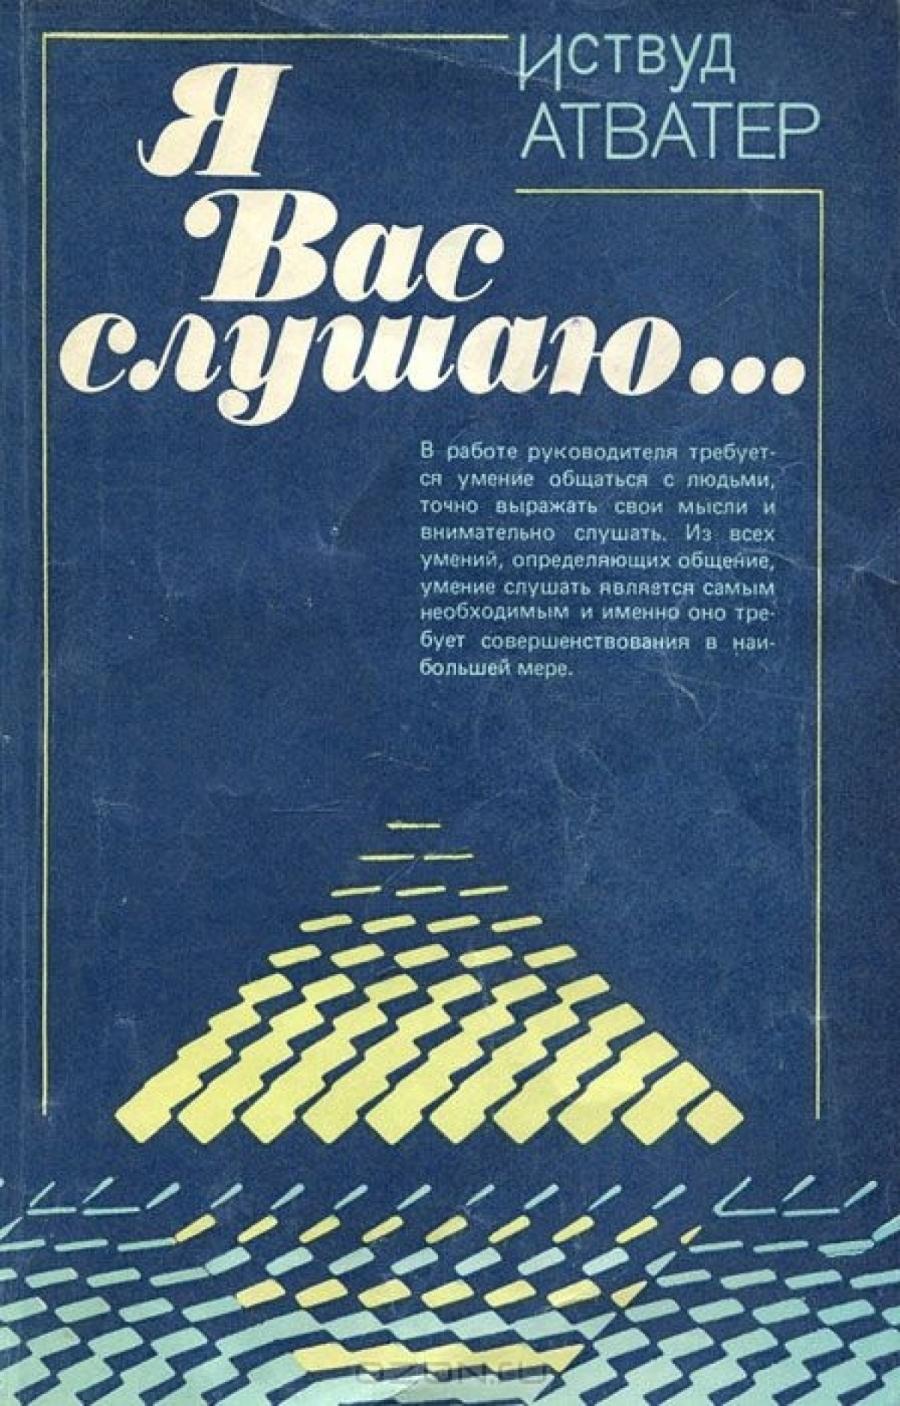 Обложка книги:  иствуд атватер - я вас слушаю